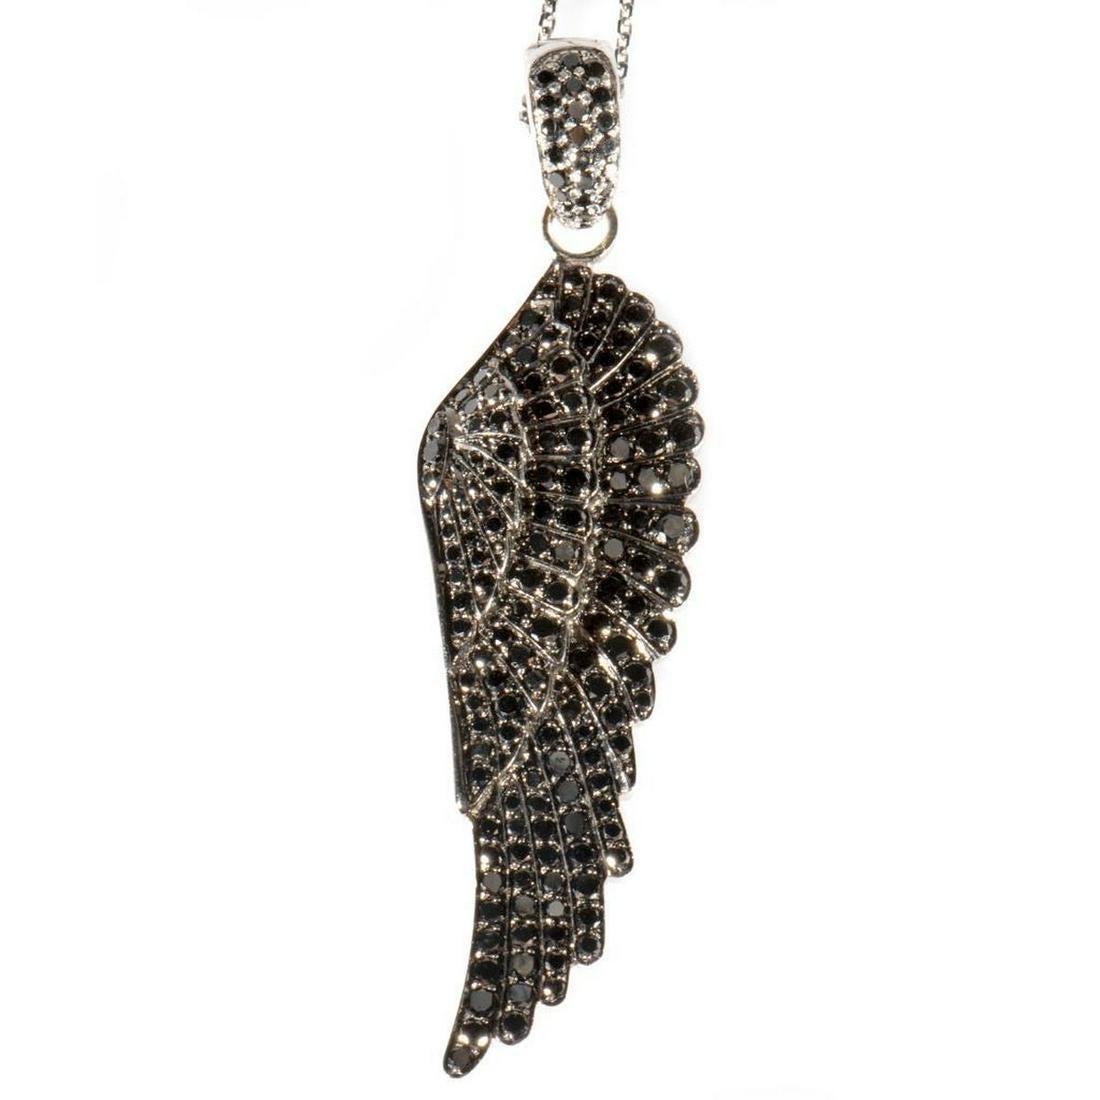 Black diamond, 18k white gold feather pendant-enhancer